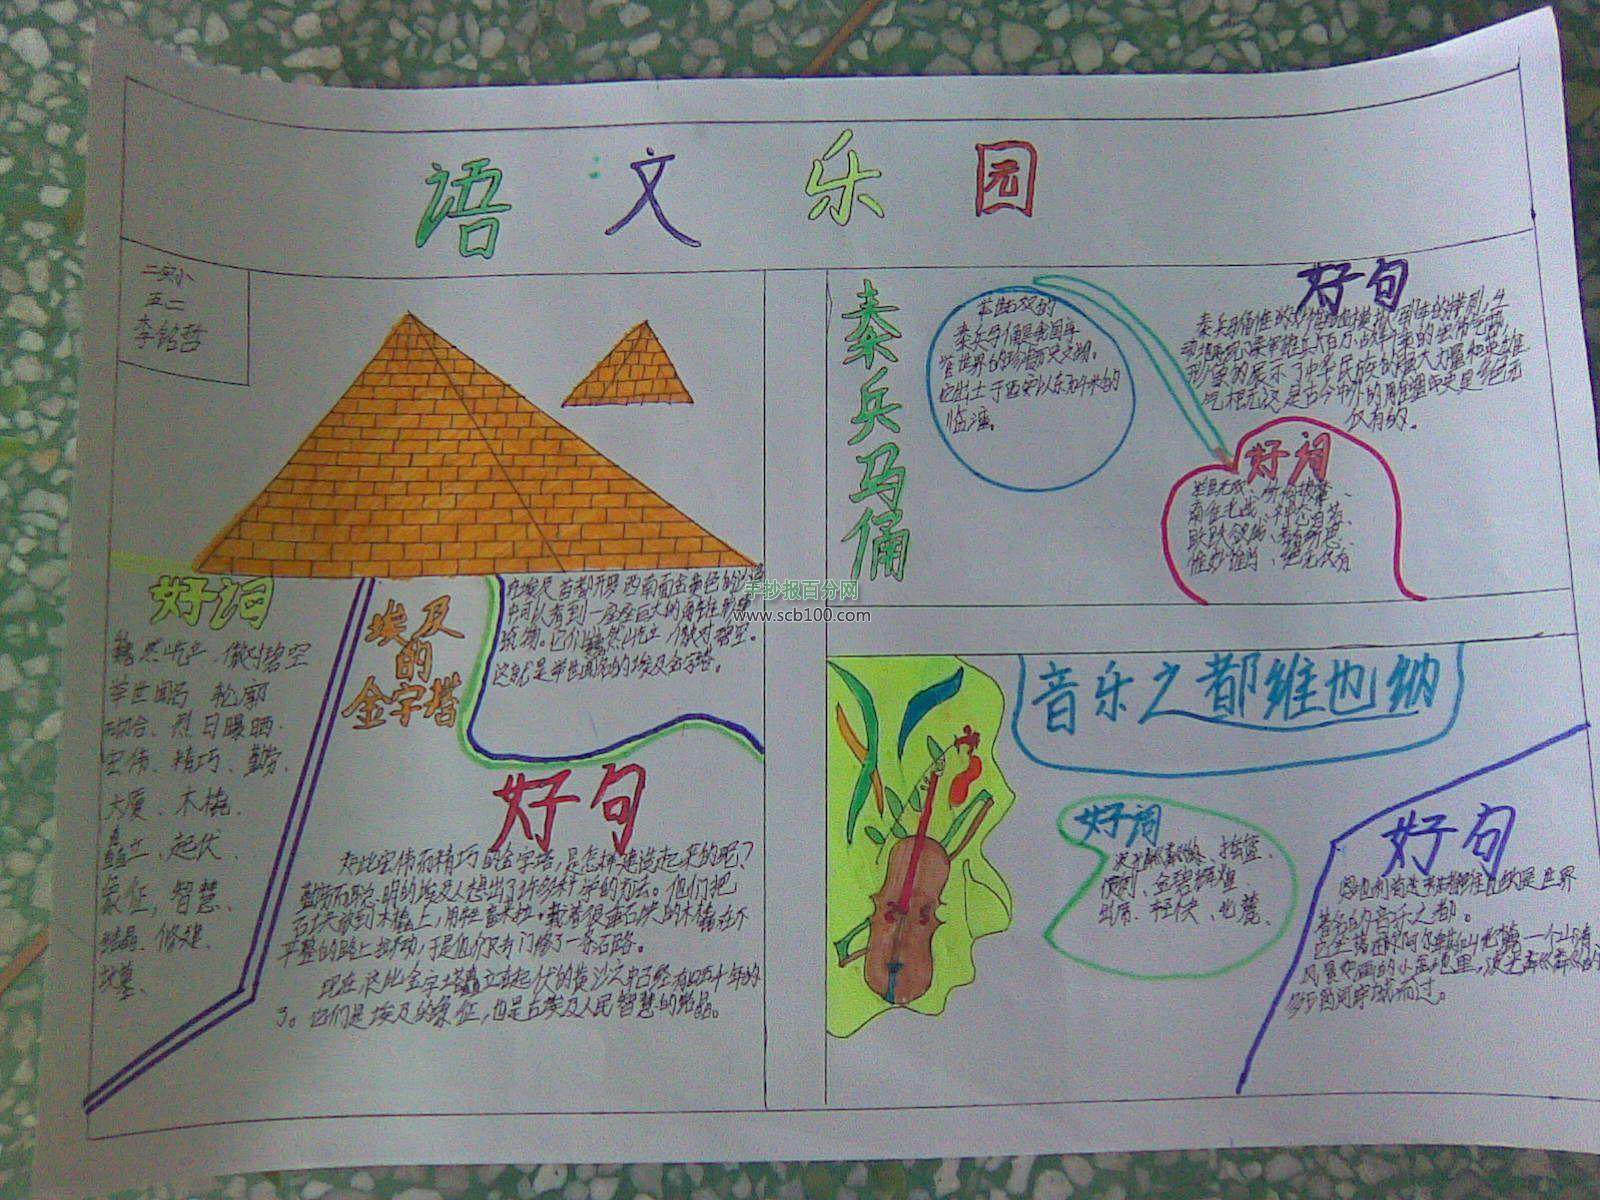 五年级语文手抄报版面设计图